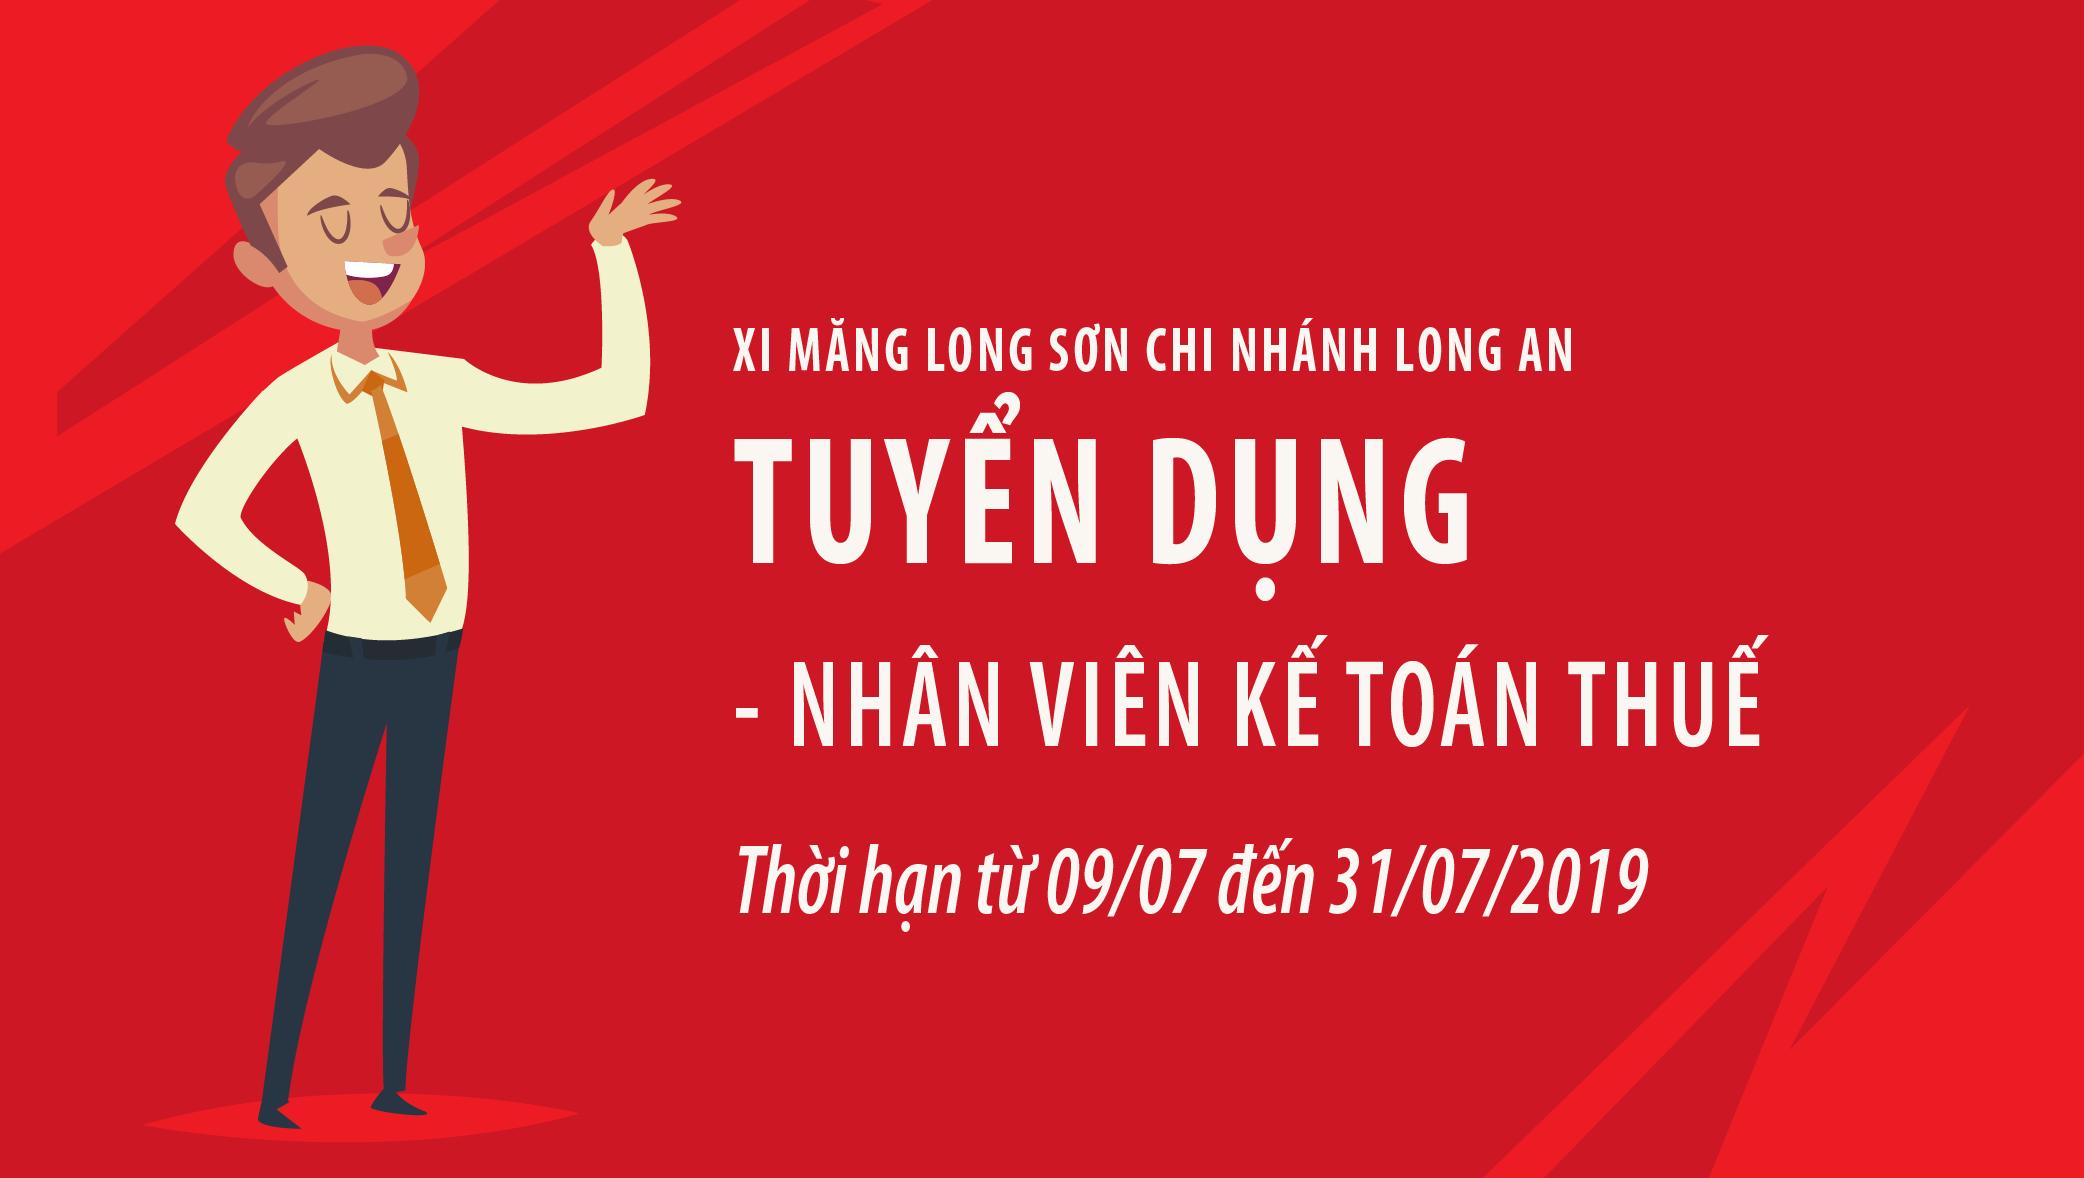 Nhà máy đóng bao Xi măng Long Sơn tại Long An – Tuyển dụng Nhân viên kế toán thuế